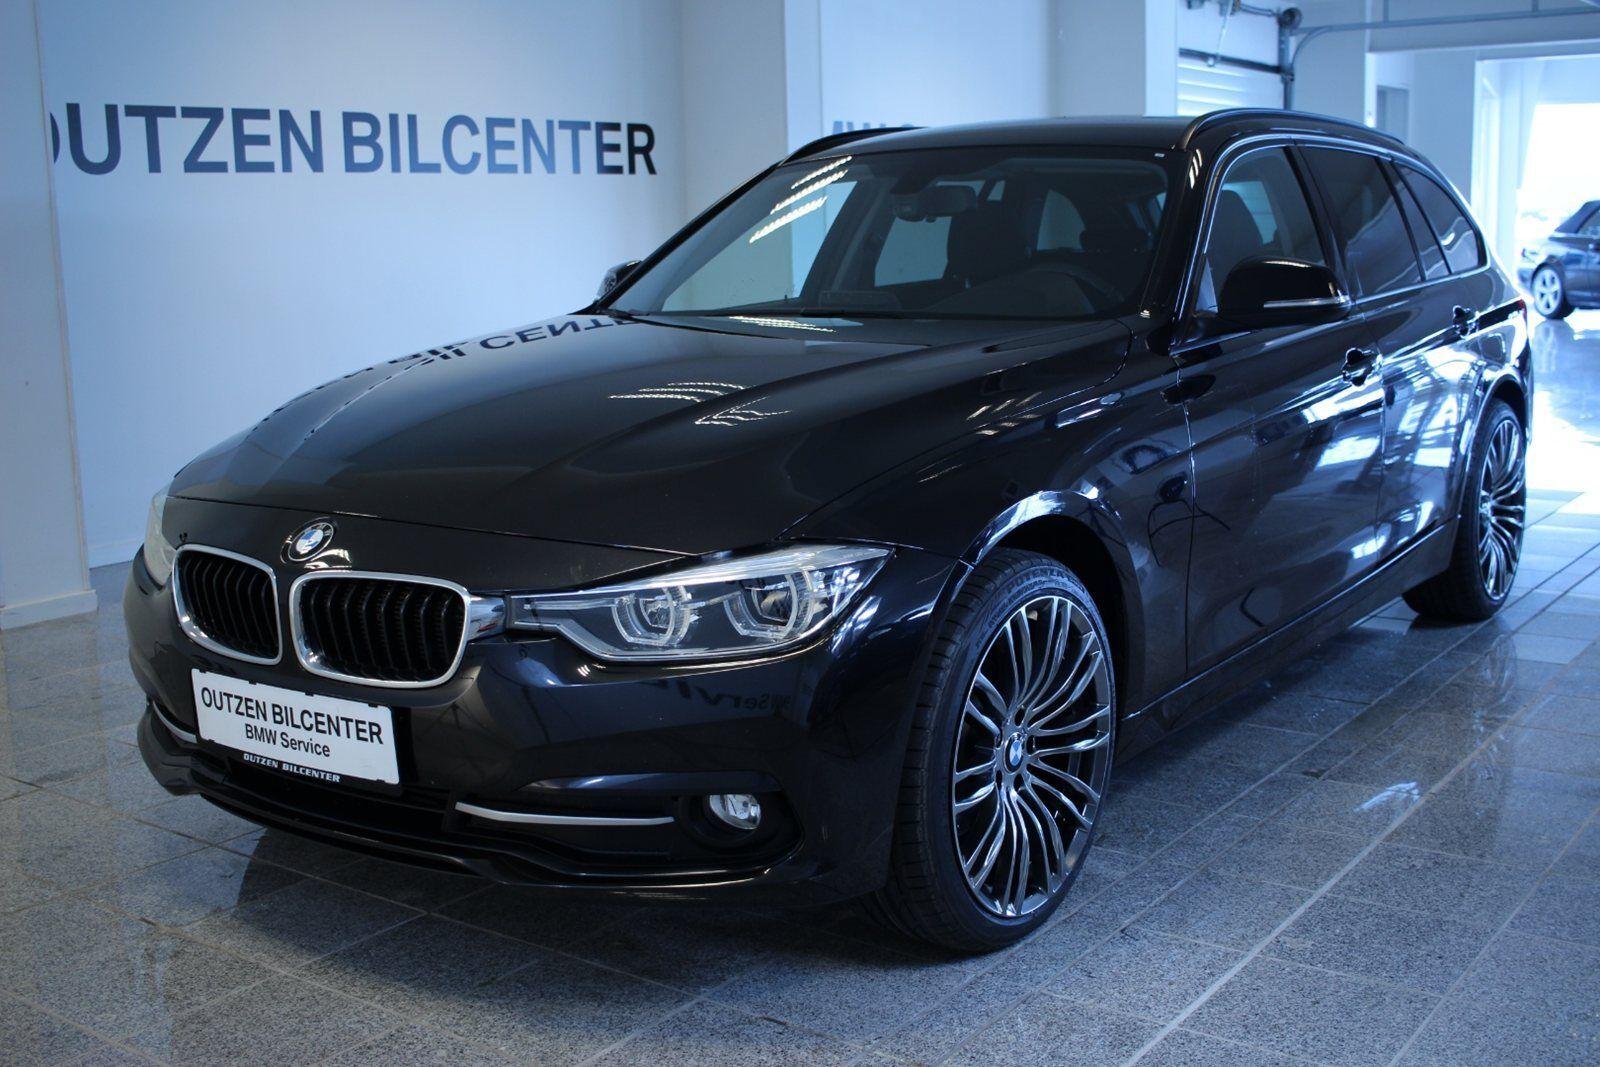 BMW 320d 2,0 Touring xDrive aut. 5d - 399.800 kr.